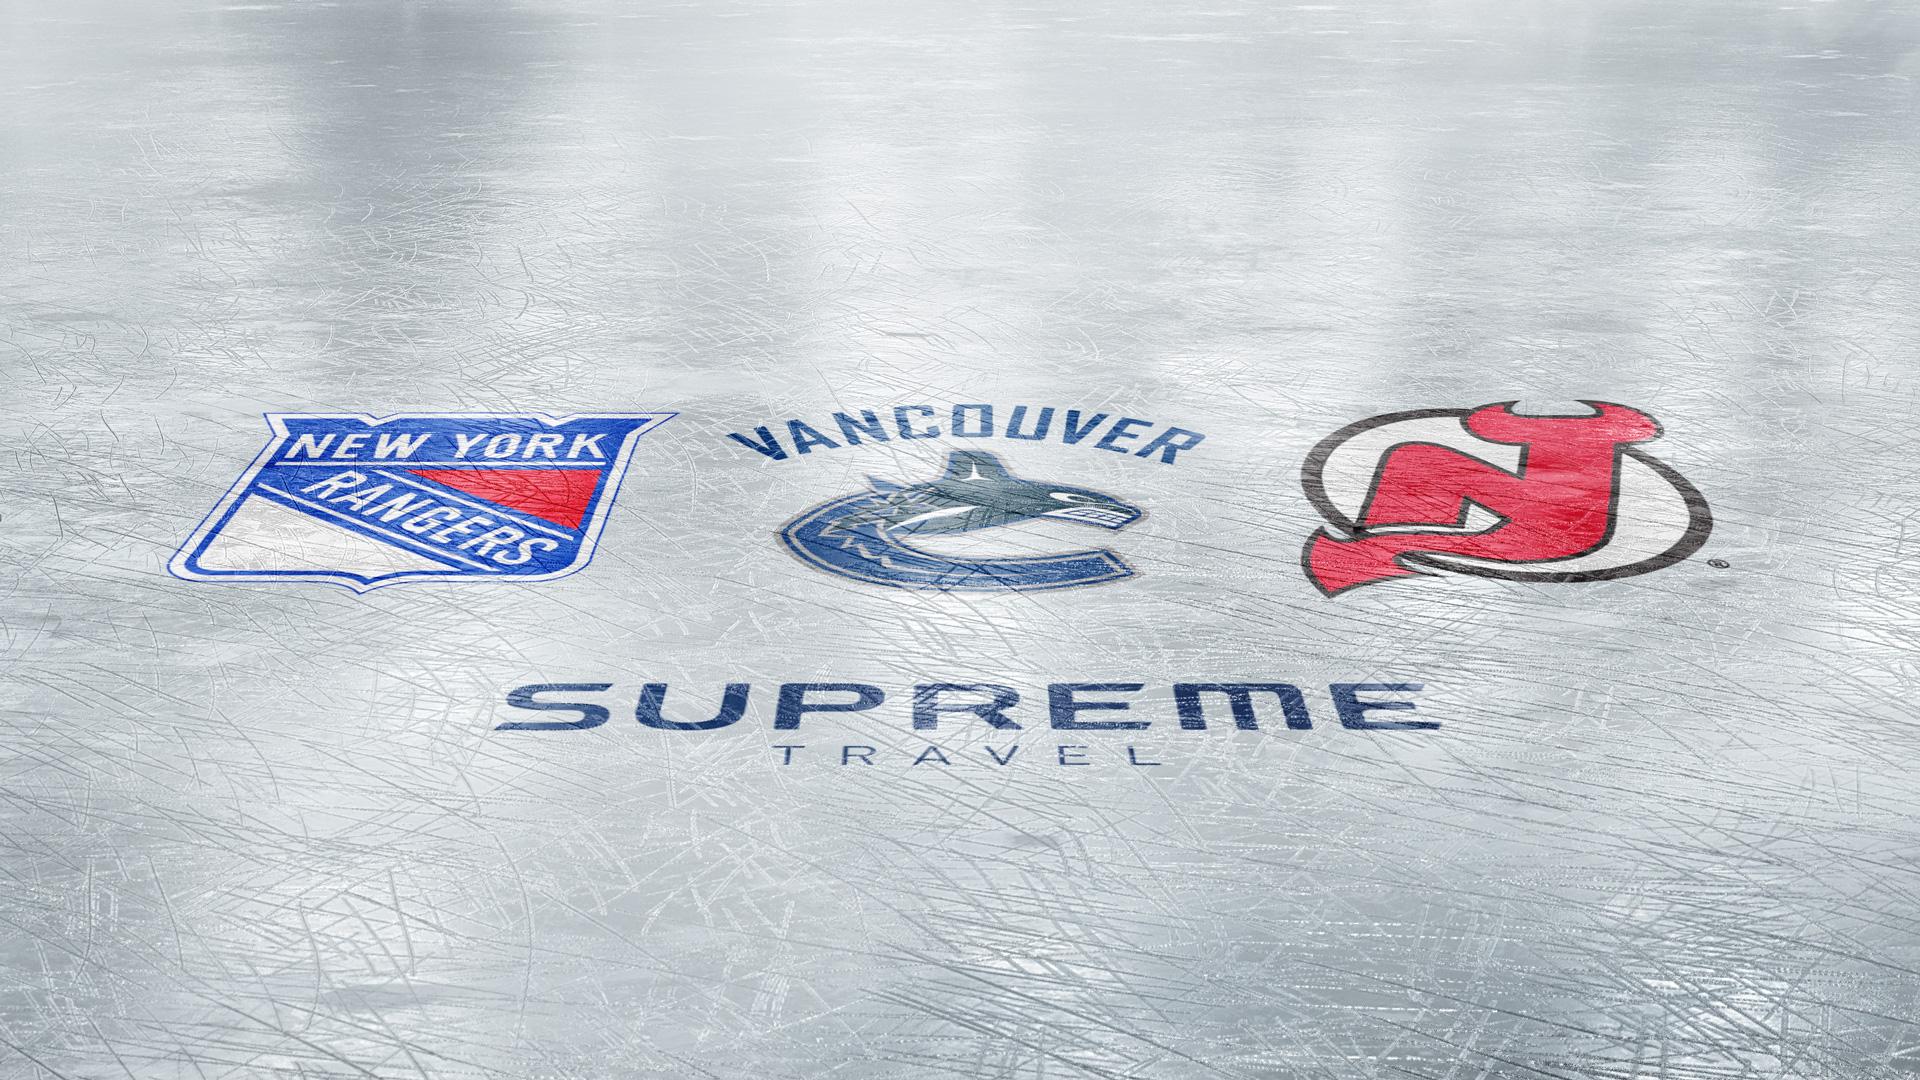 MATCHER - 19 oktober 2019New Jersey Devils - Vancouver Canucks20 oktober 2019New York Rangers - Vancouver Canucks21 oktober 2019 - mot tillägg(New York Jets - New England Patriots)